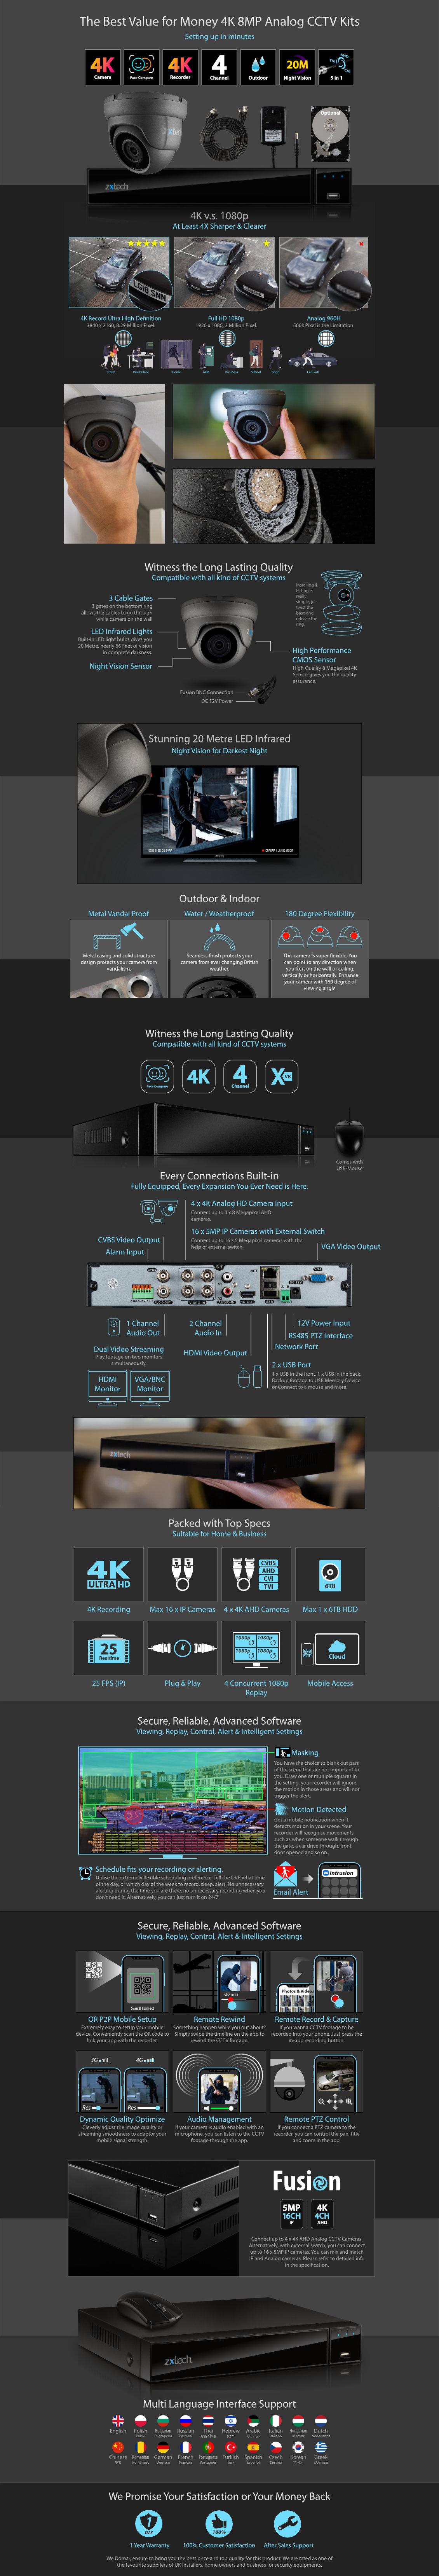 Zxtech 4x 8MP 4K-Lite UHD 20M Night Vision Dome Cameras 4CH DVR CCTV Kit | AX4B4Z